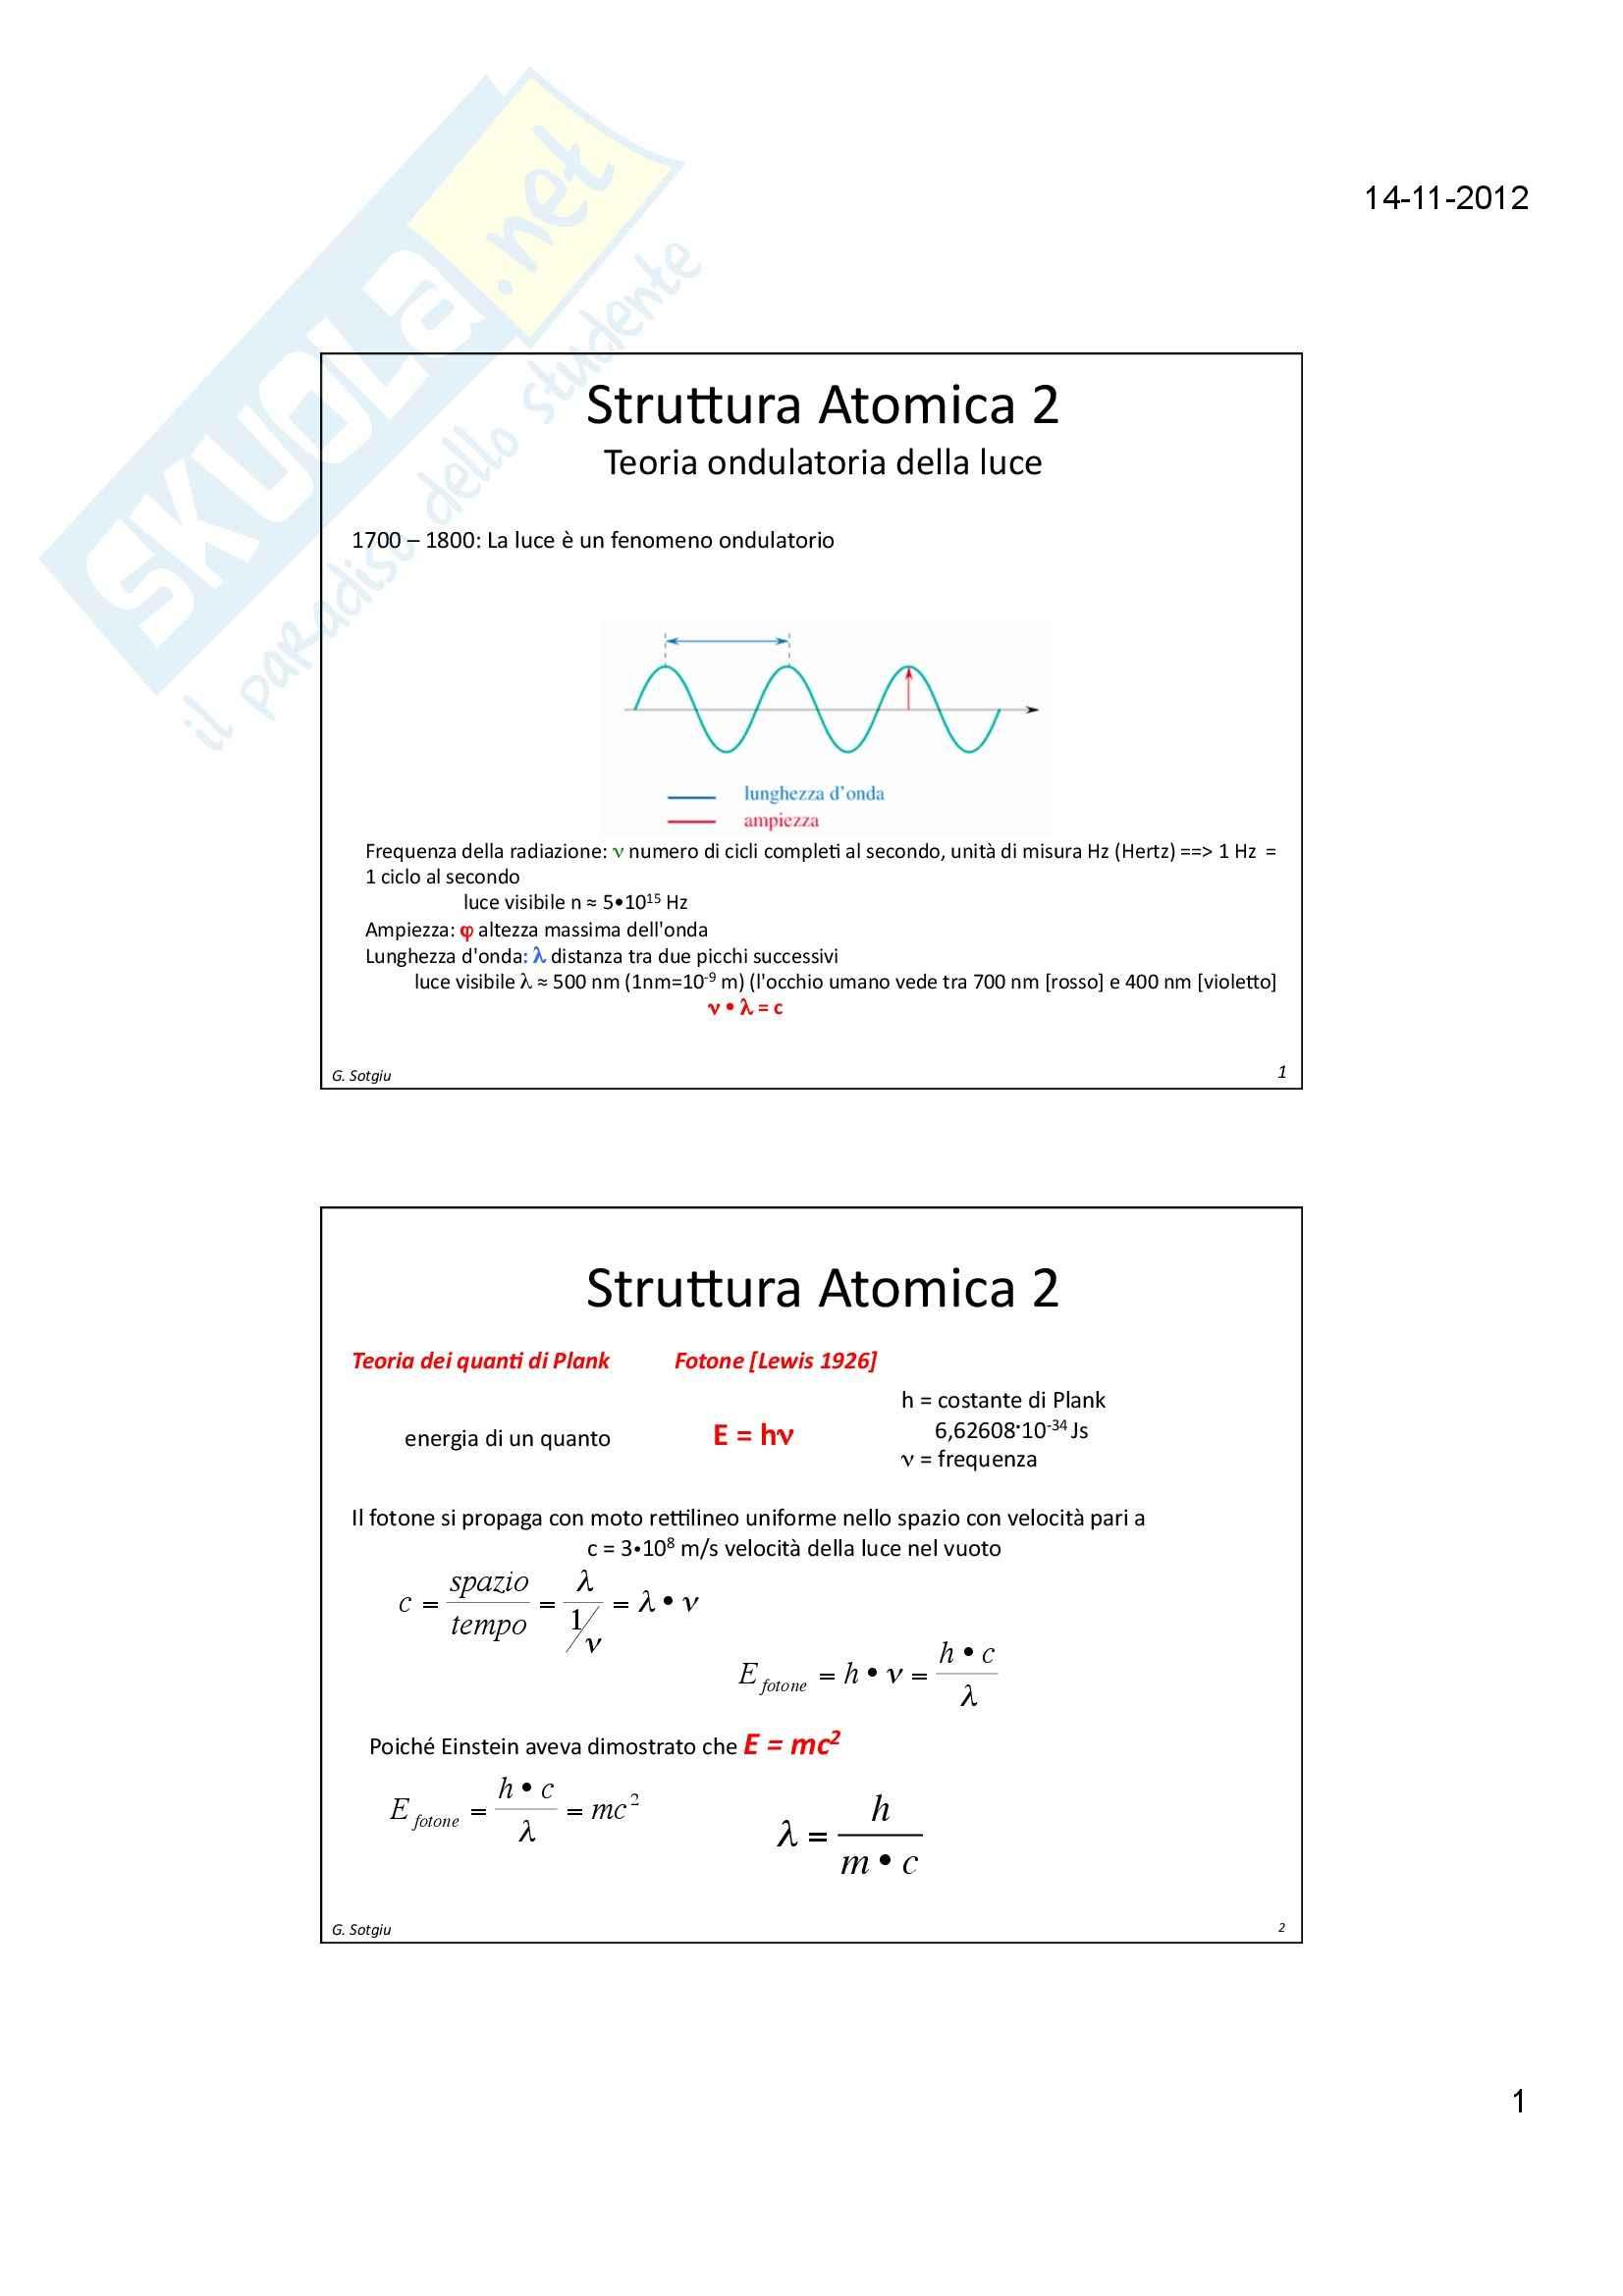 Meccanica Quantistica - Struttura Atomica 2